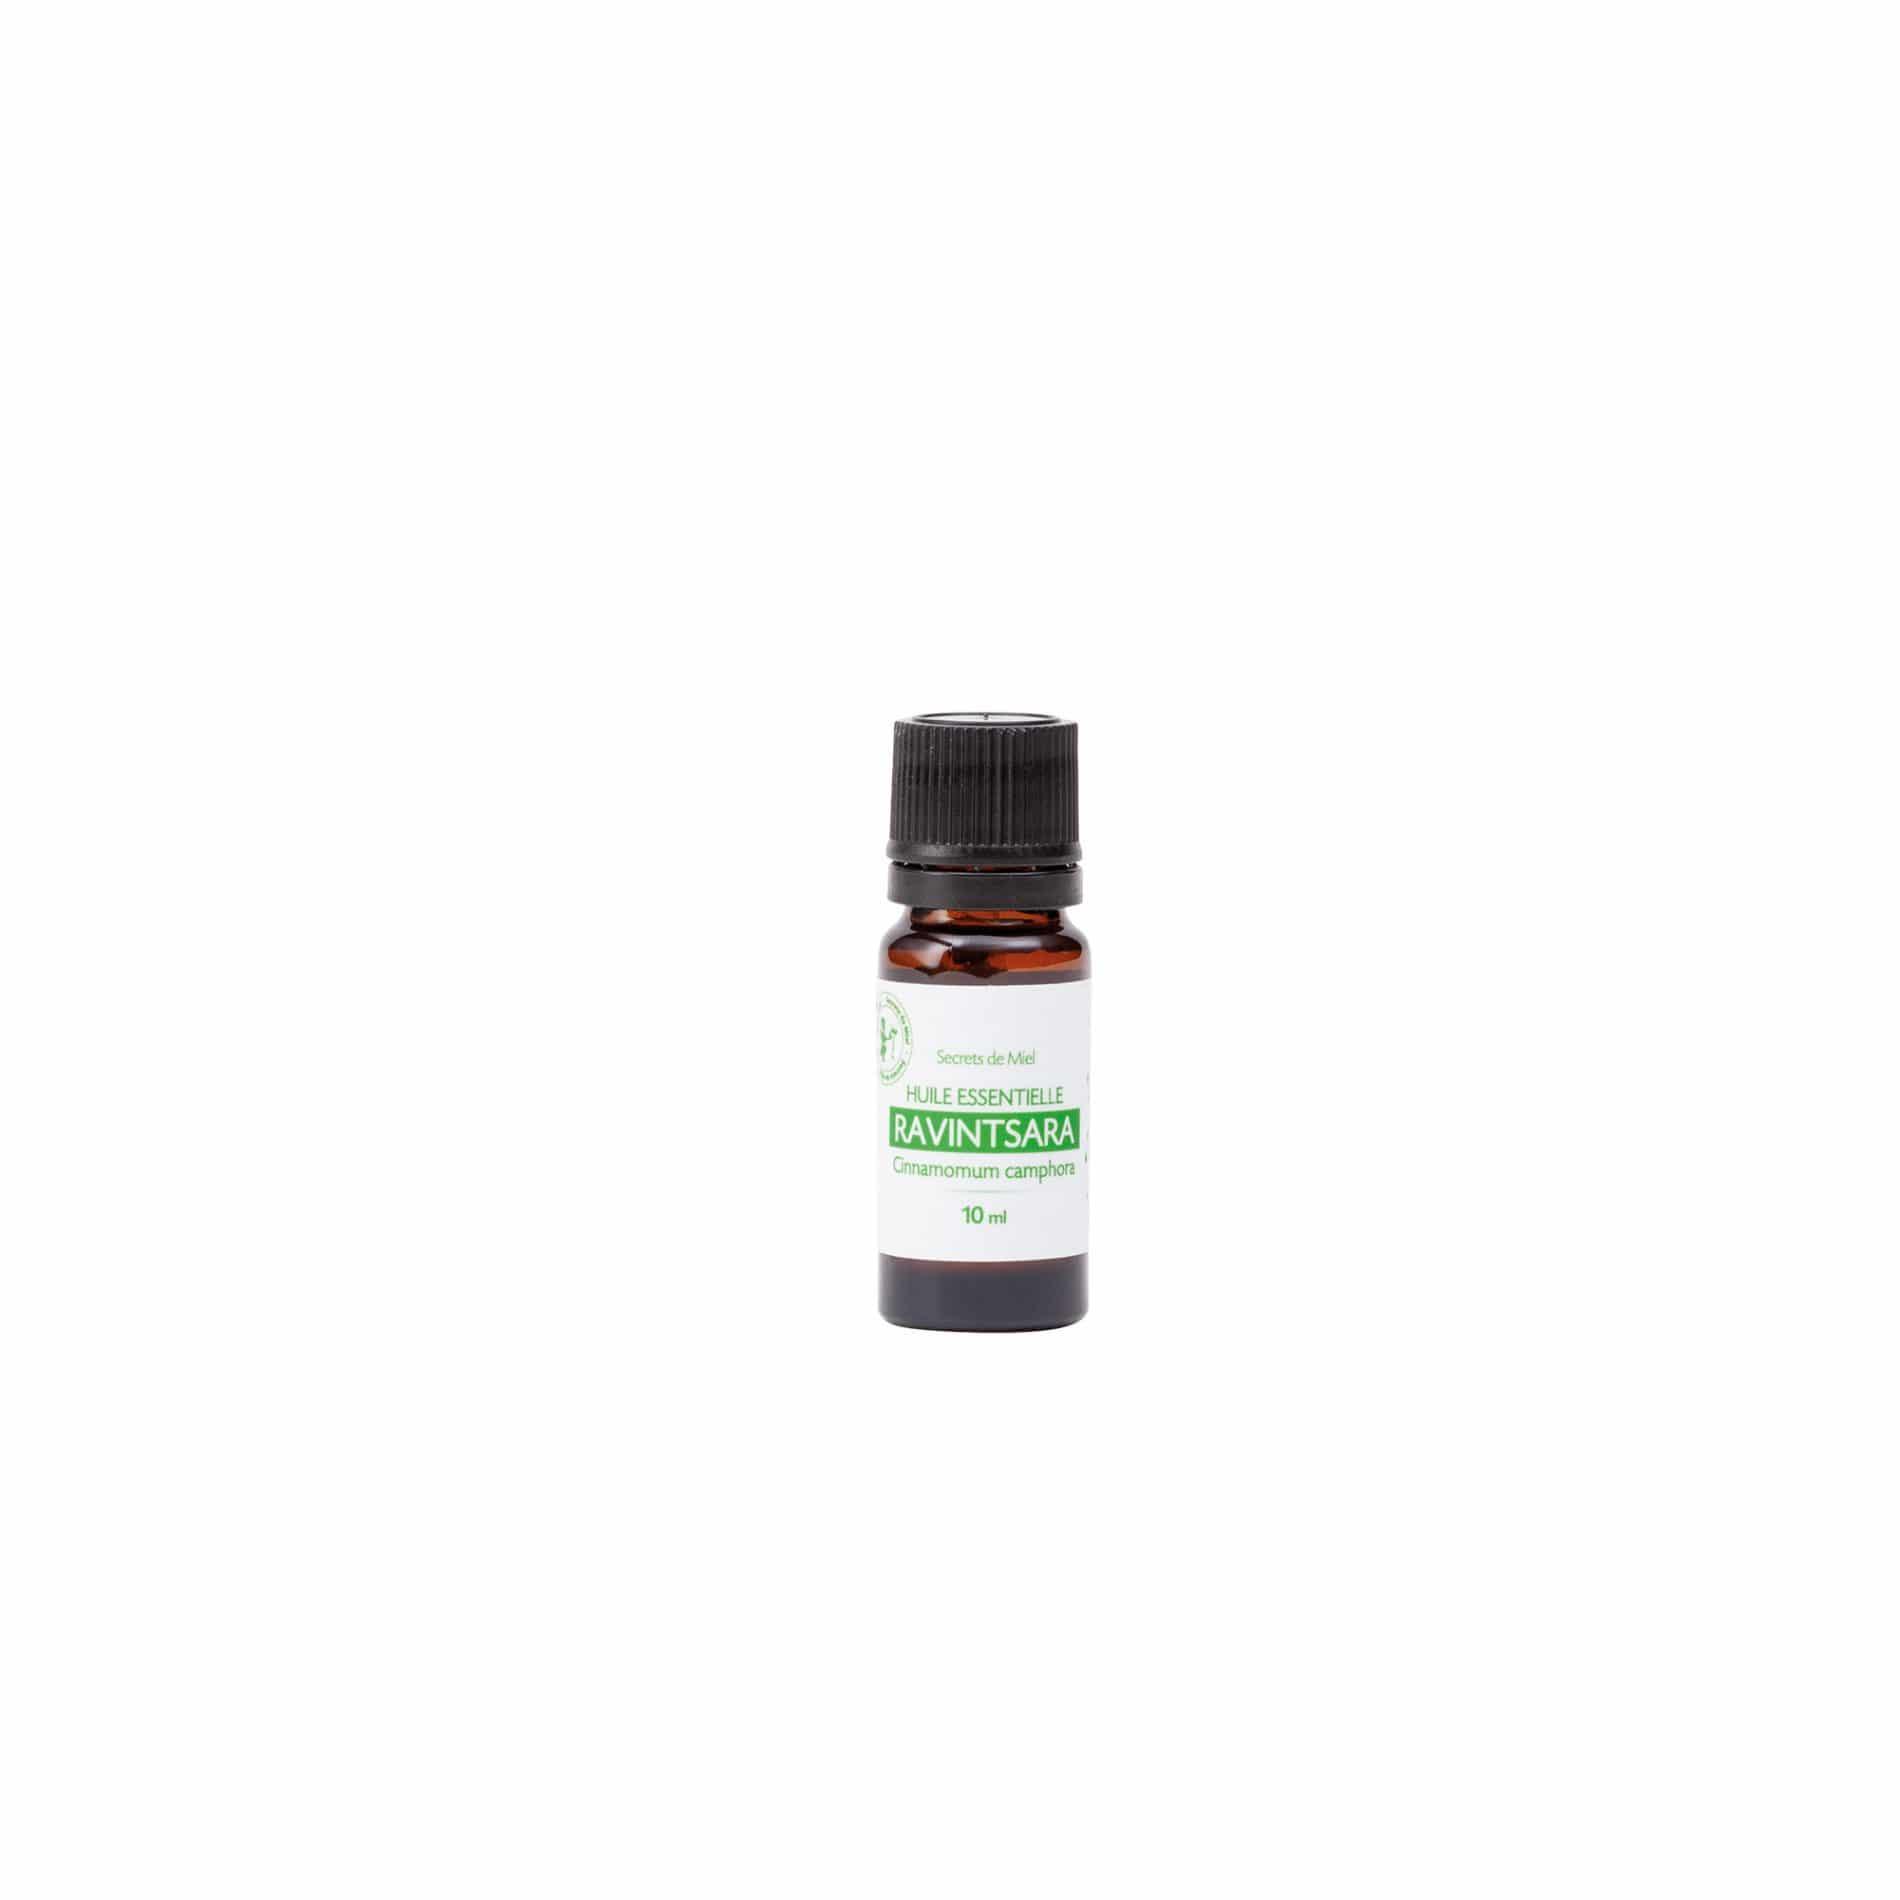 Huile essentielle de Ravintsara - Système immunitarie - bon pour le coprs - plantes - produit naturel - inhalation - Maladie - Secrets de Miel